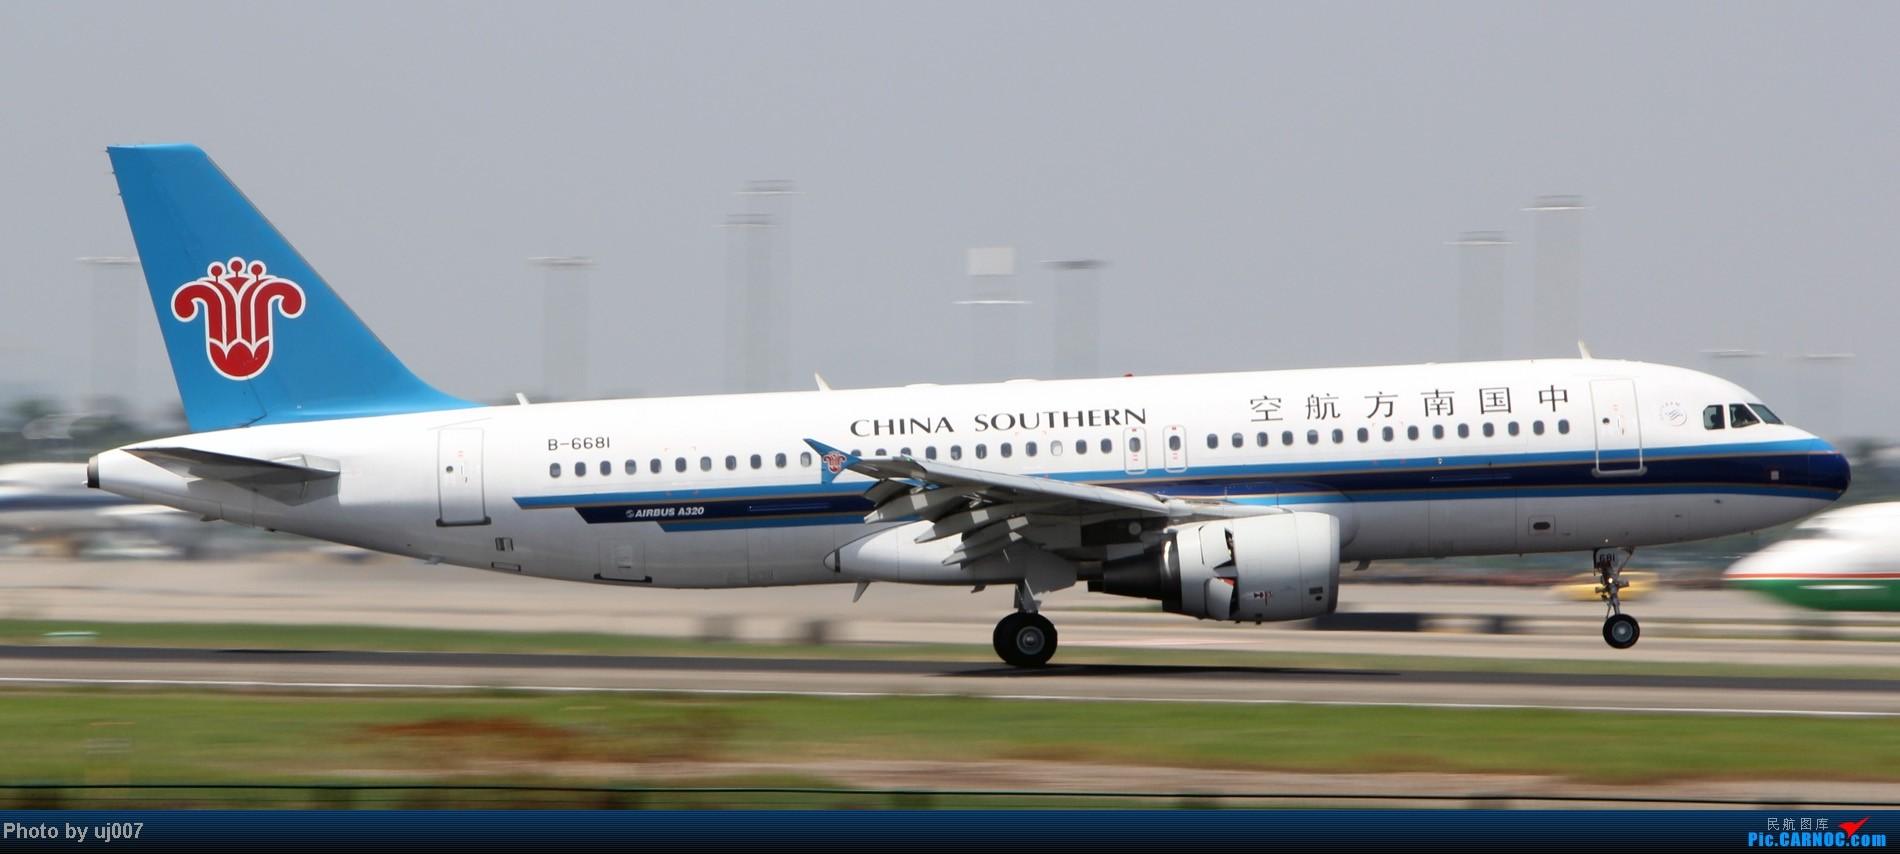 Re:[原创]10月2日白云拍机(大飞机,特别妆,外航,闪灯,擦烟)求指点. AIRBUS A320-200 B-6681 中国广州白云机场